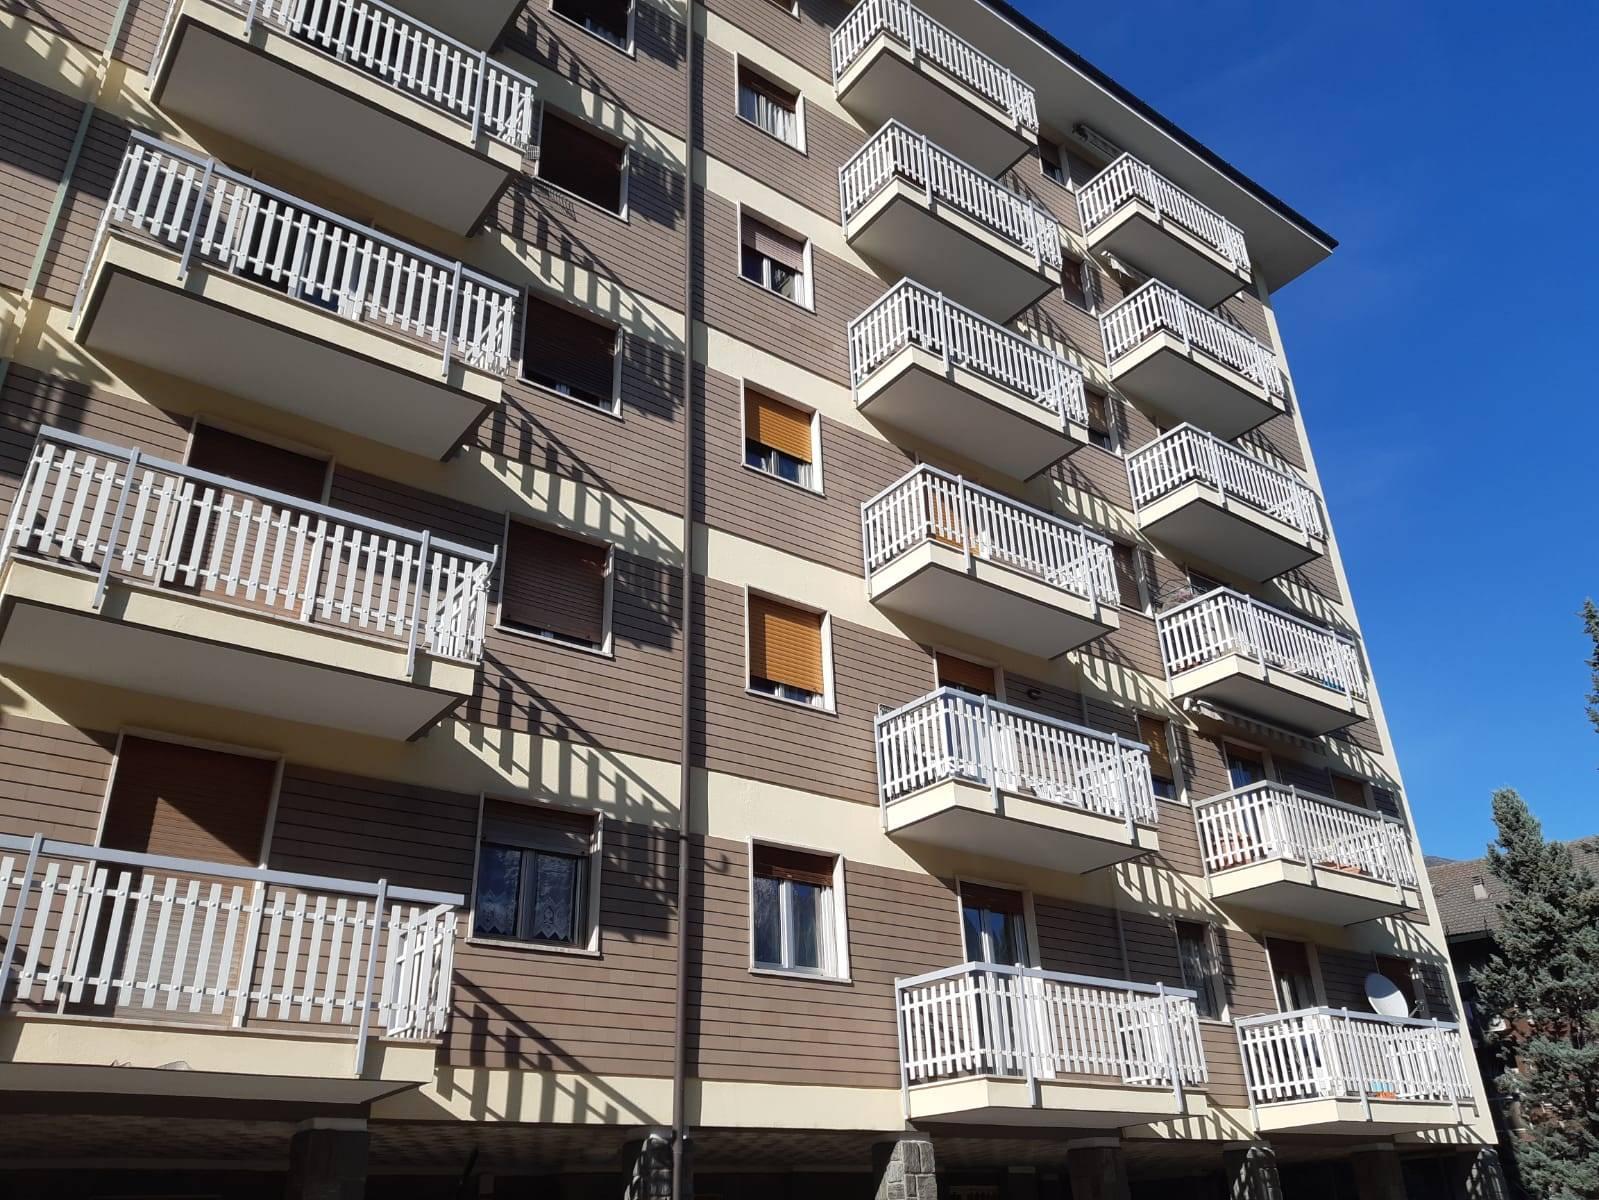 Appartamento in vendita a Aosta, 3 locali, zona Zona: Periferia, prezzo € 145.000 | CambioCasa.it